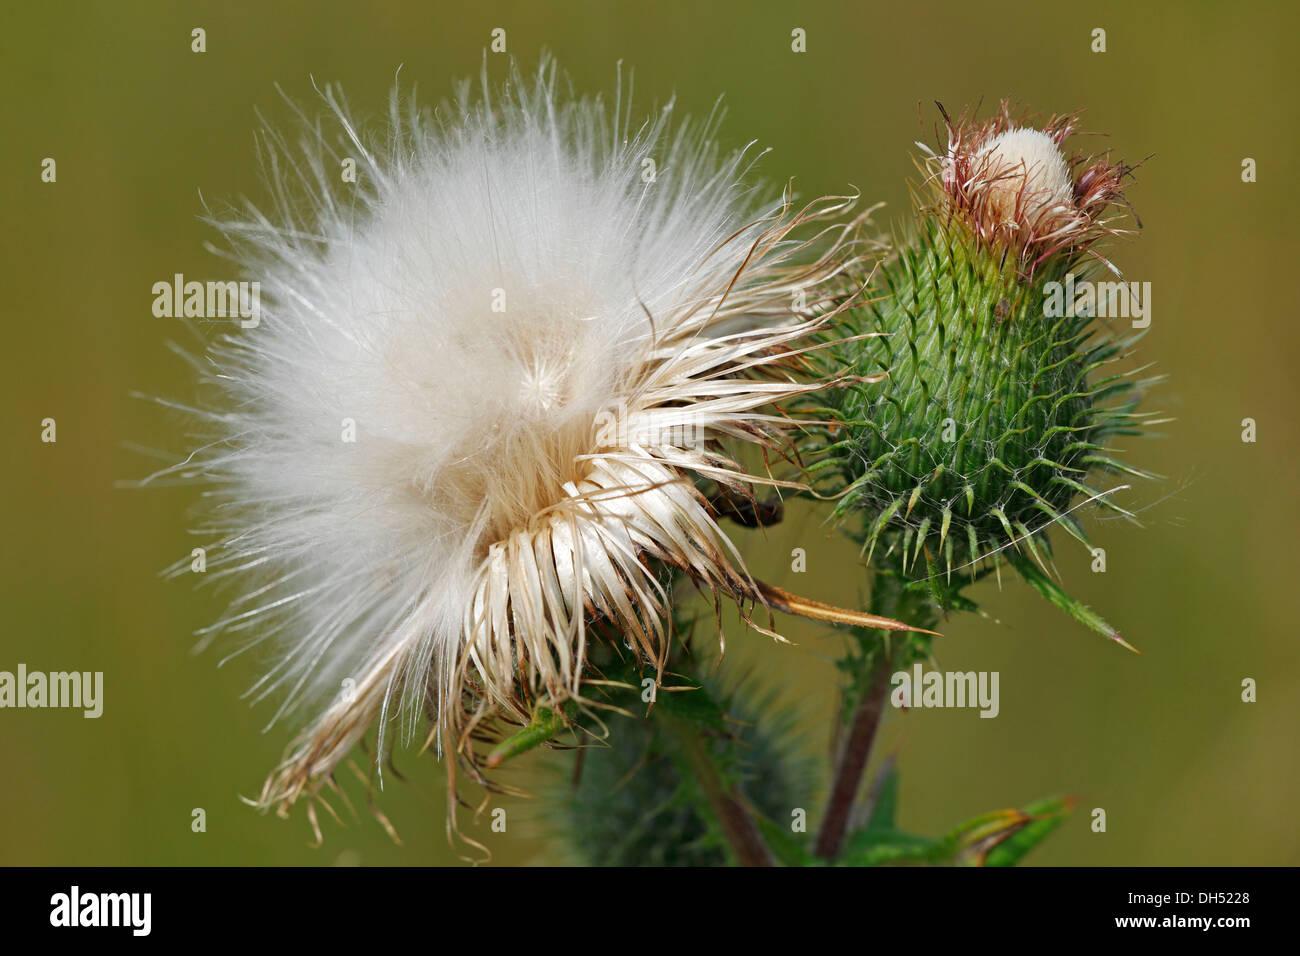 Seedhead of the Spear Thistle (Cirsium vulgare, Cirsium lanceolatum) - Stock Image